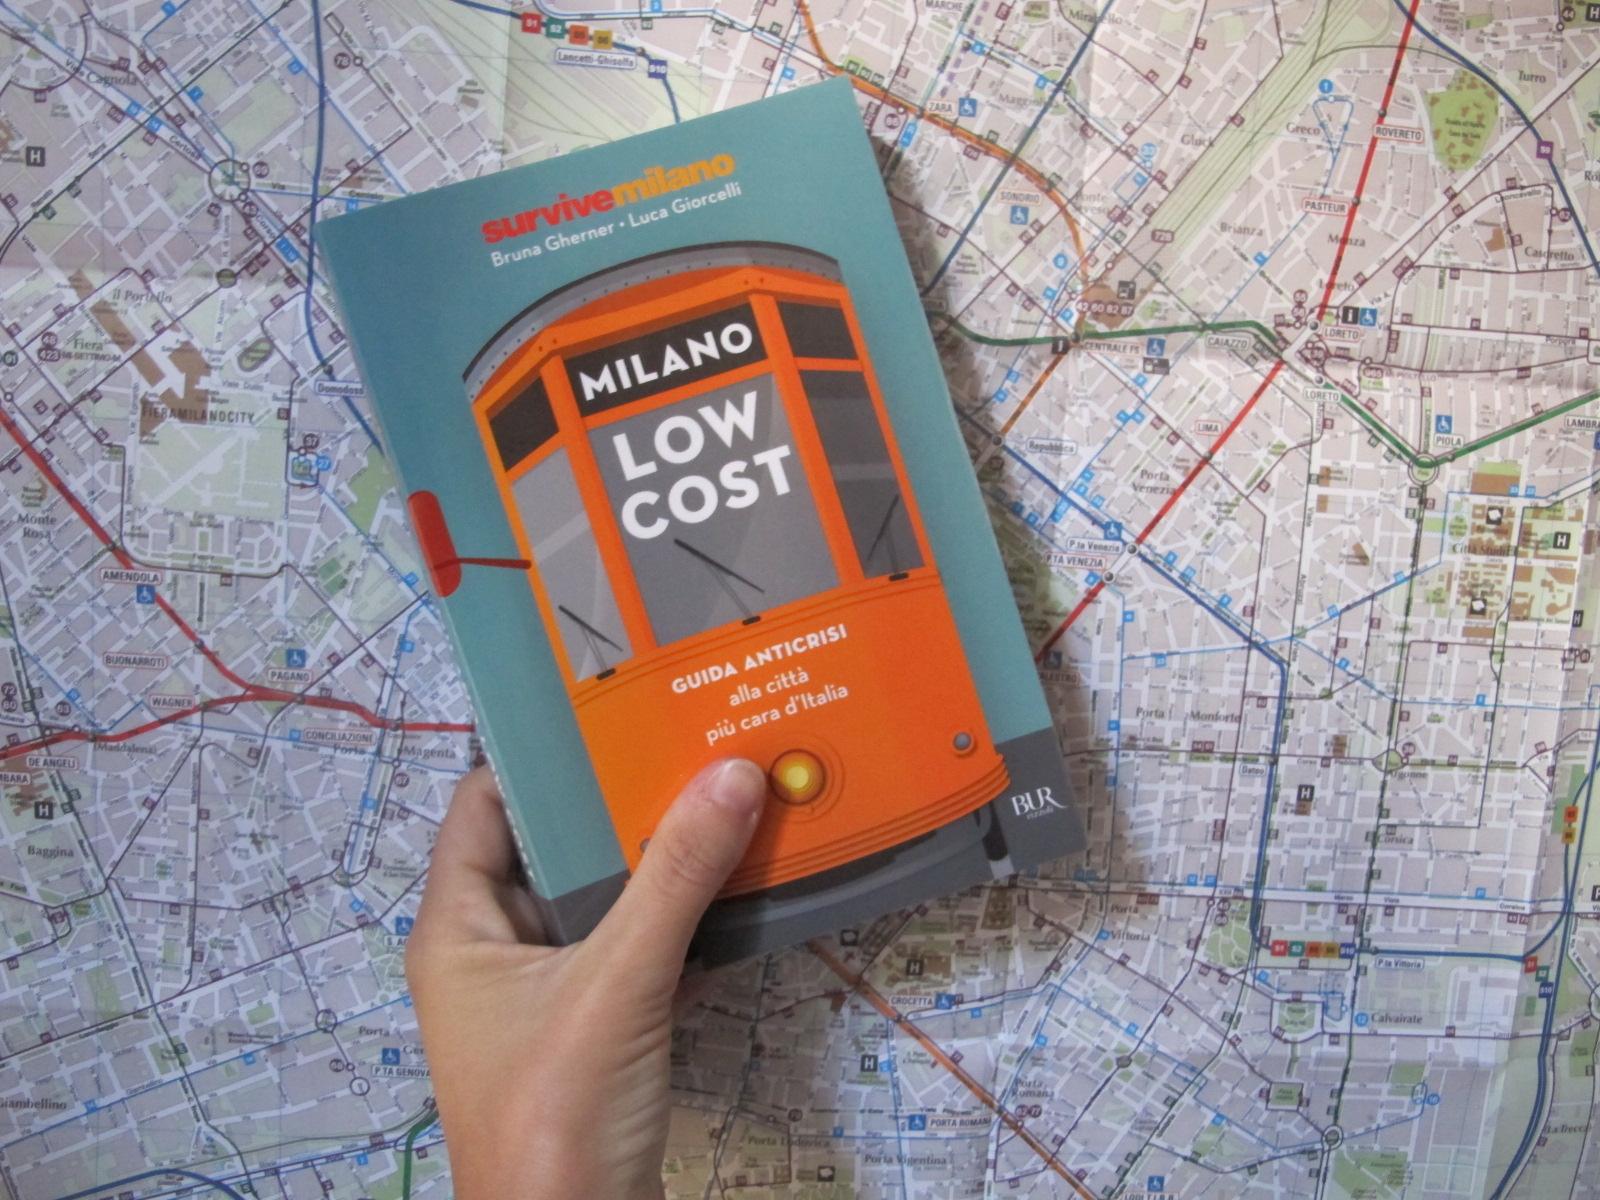 Milano low cost, un guide inspiré…